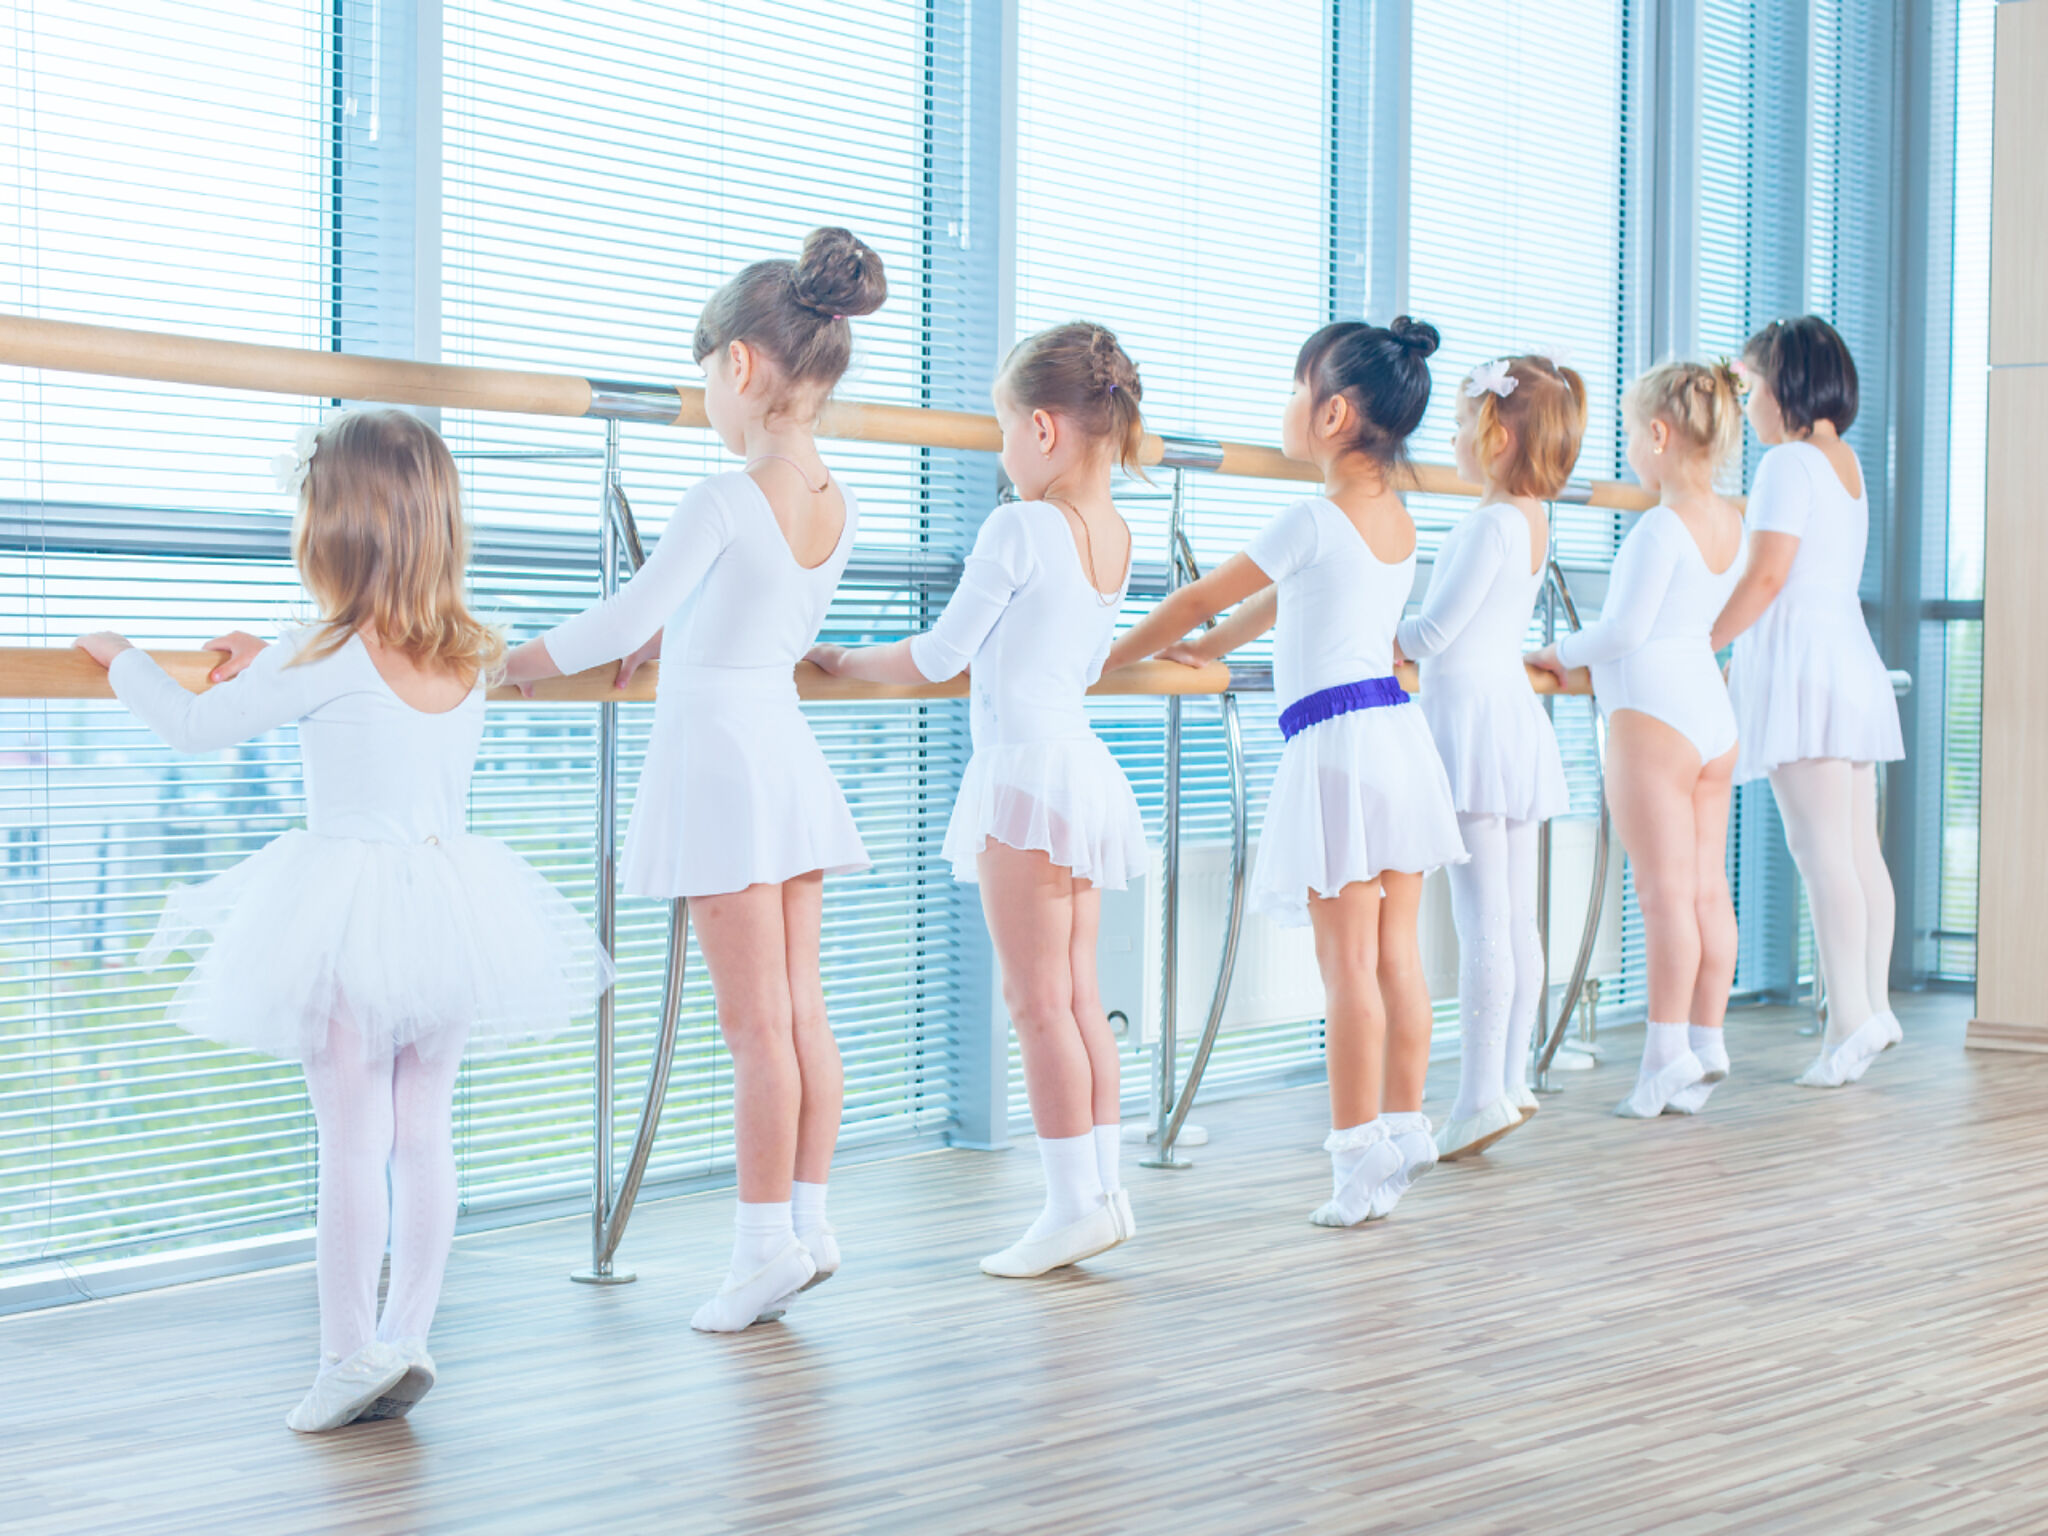 バレエの練習をしている子どもたちの画像